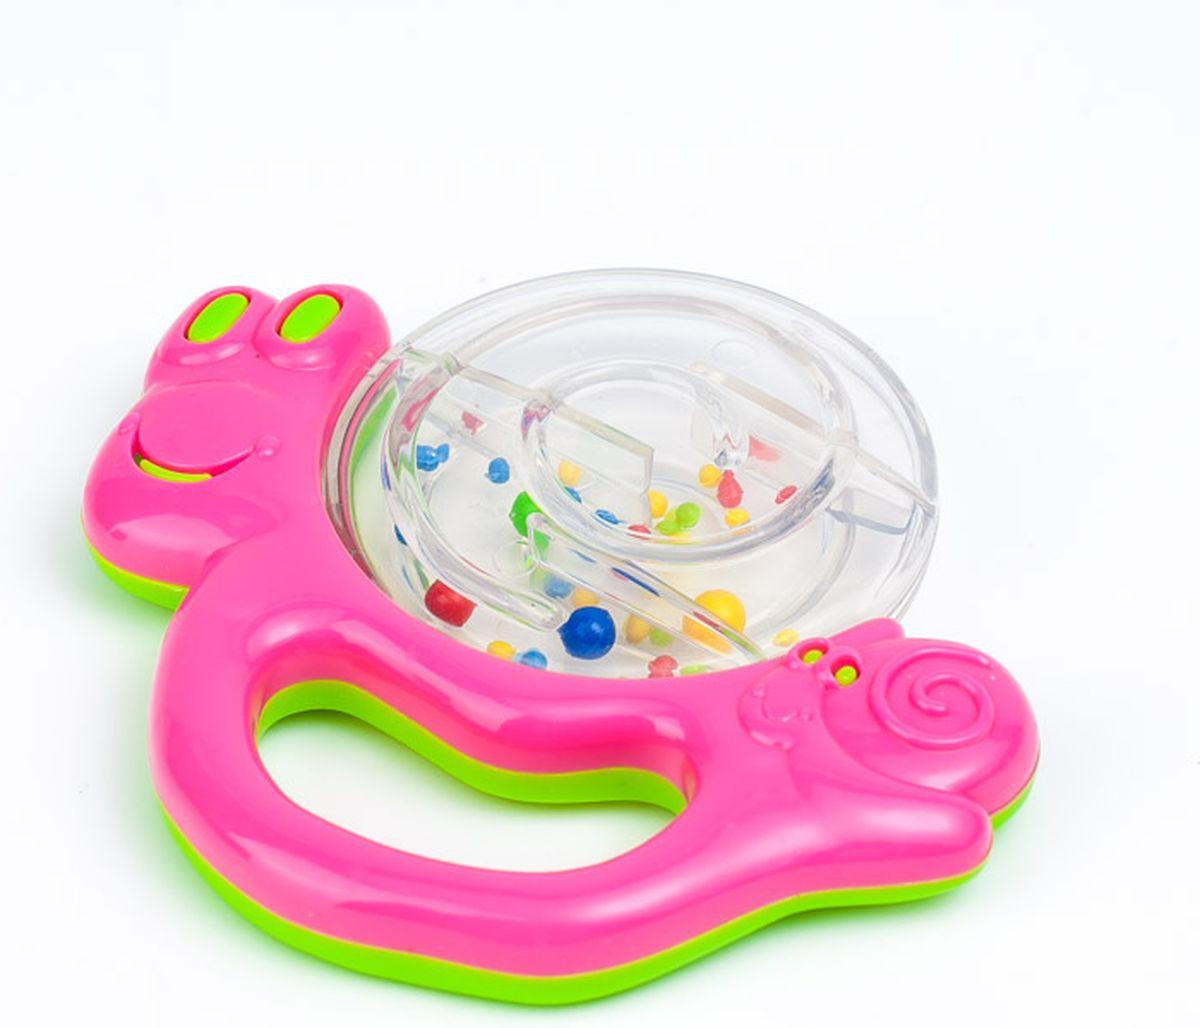 Canpol Babies Погремушка Улитка цвет розовый canpol babies мисочка с ложкой и крышкой canpol babies розовый